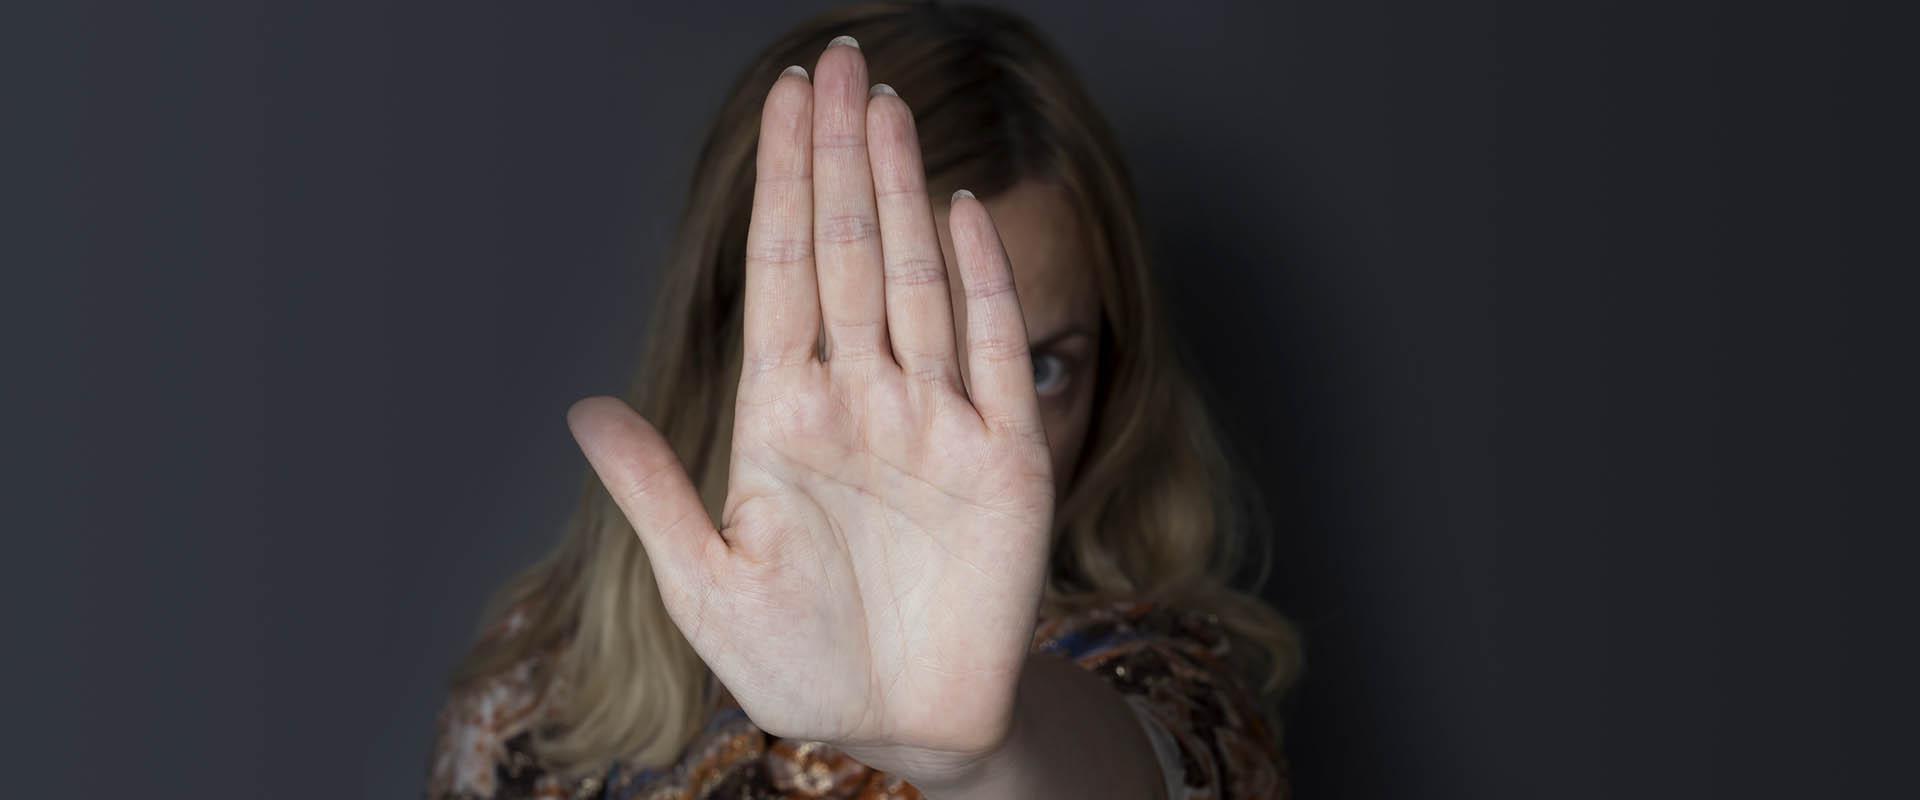 L'avortement entre tabou et hypocrisie